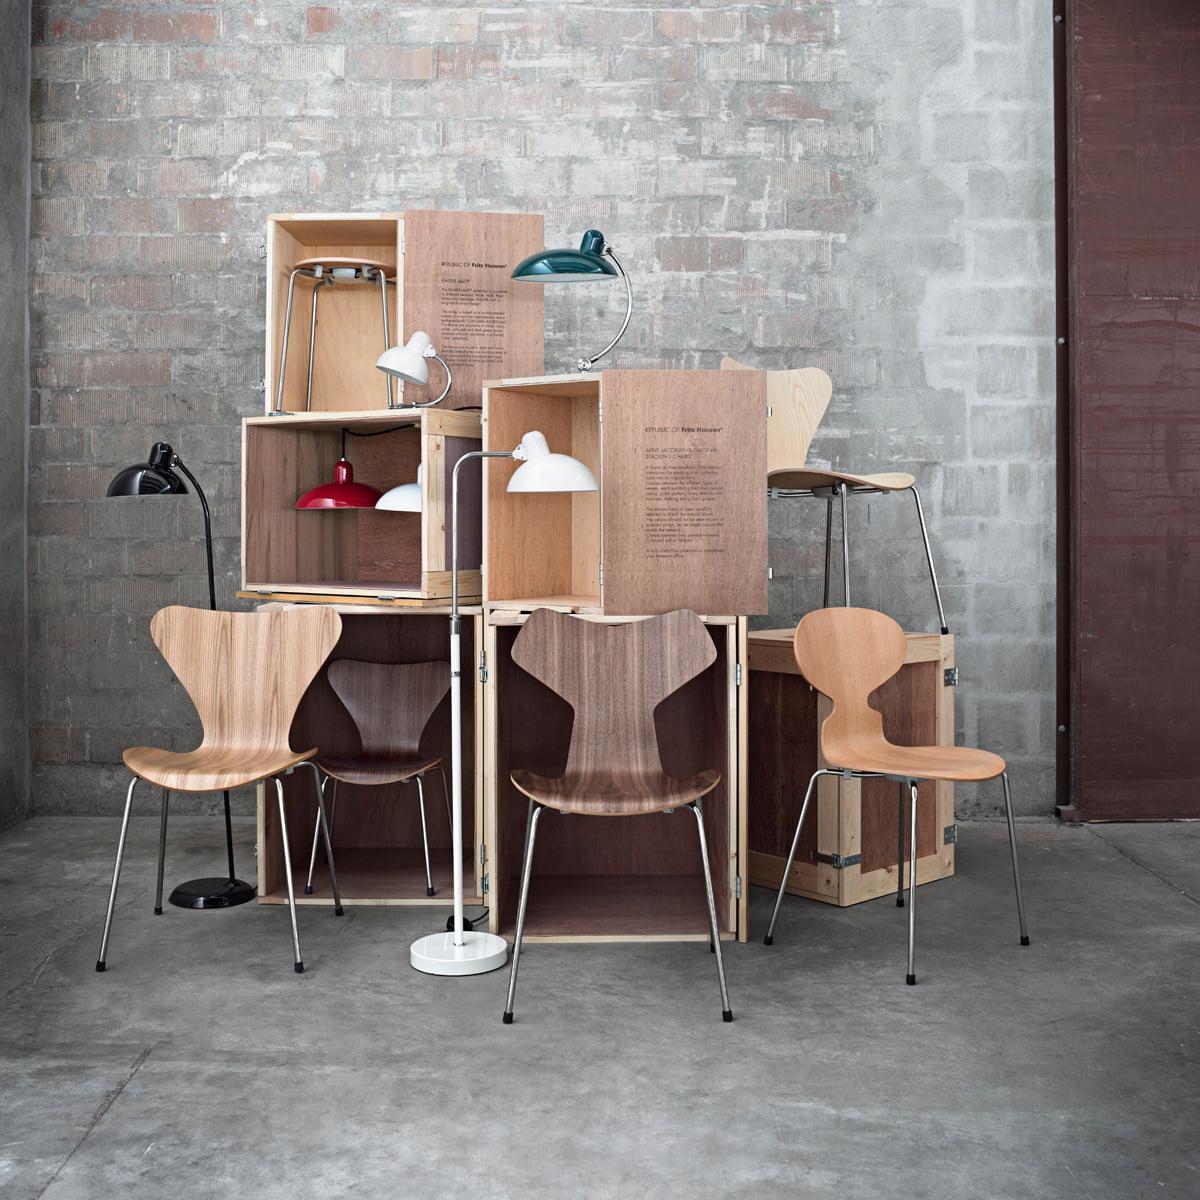 stehleuchte 6556 f kaiser idell shop. Black Bedroom Furniture Sets. Home Design Ideas